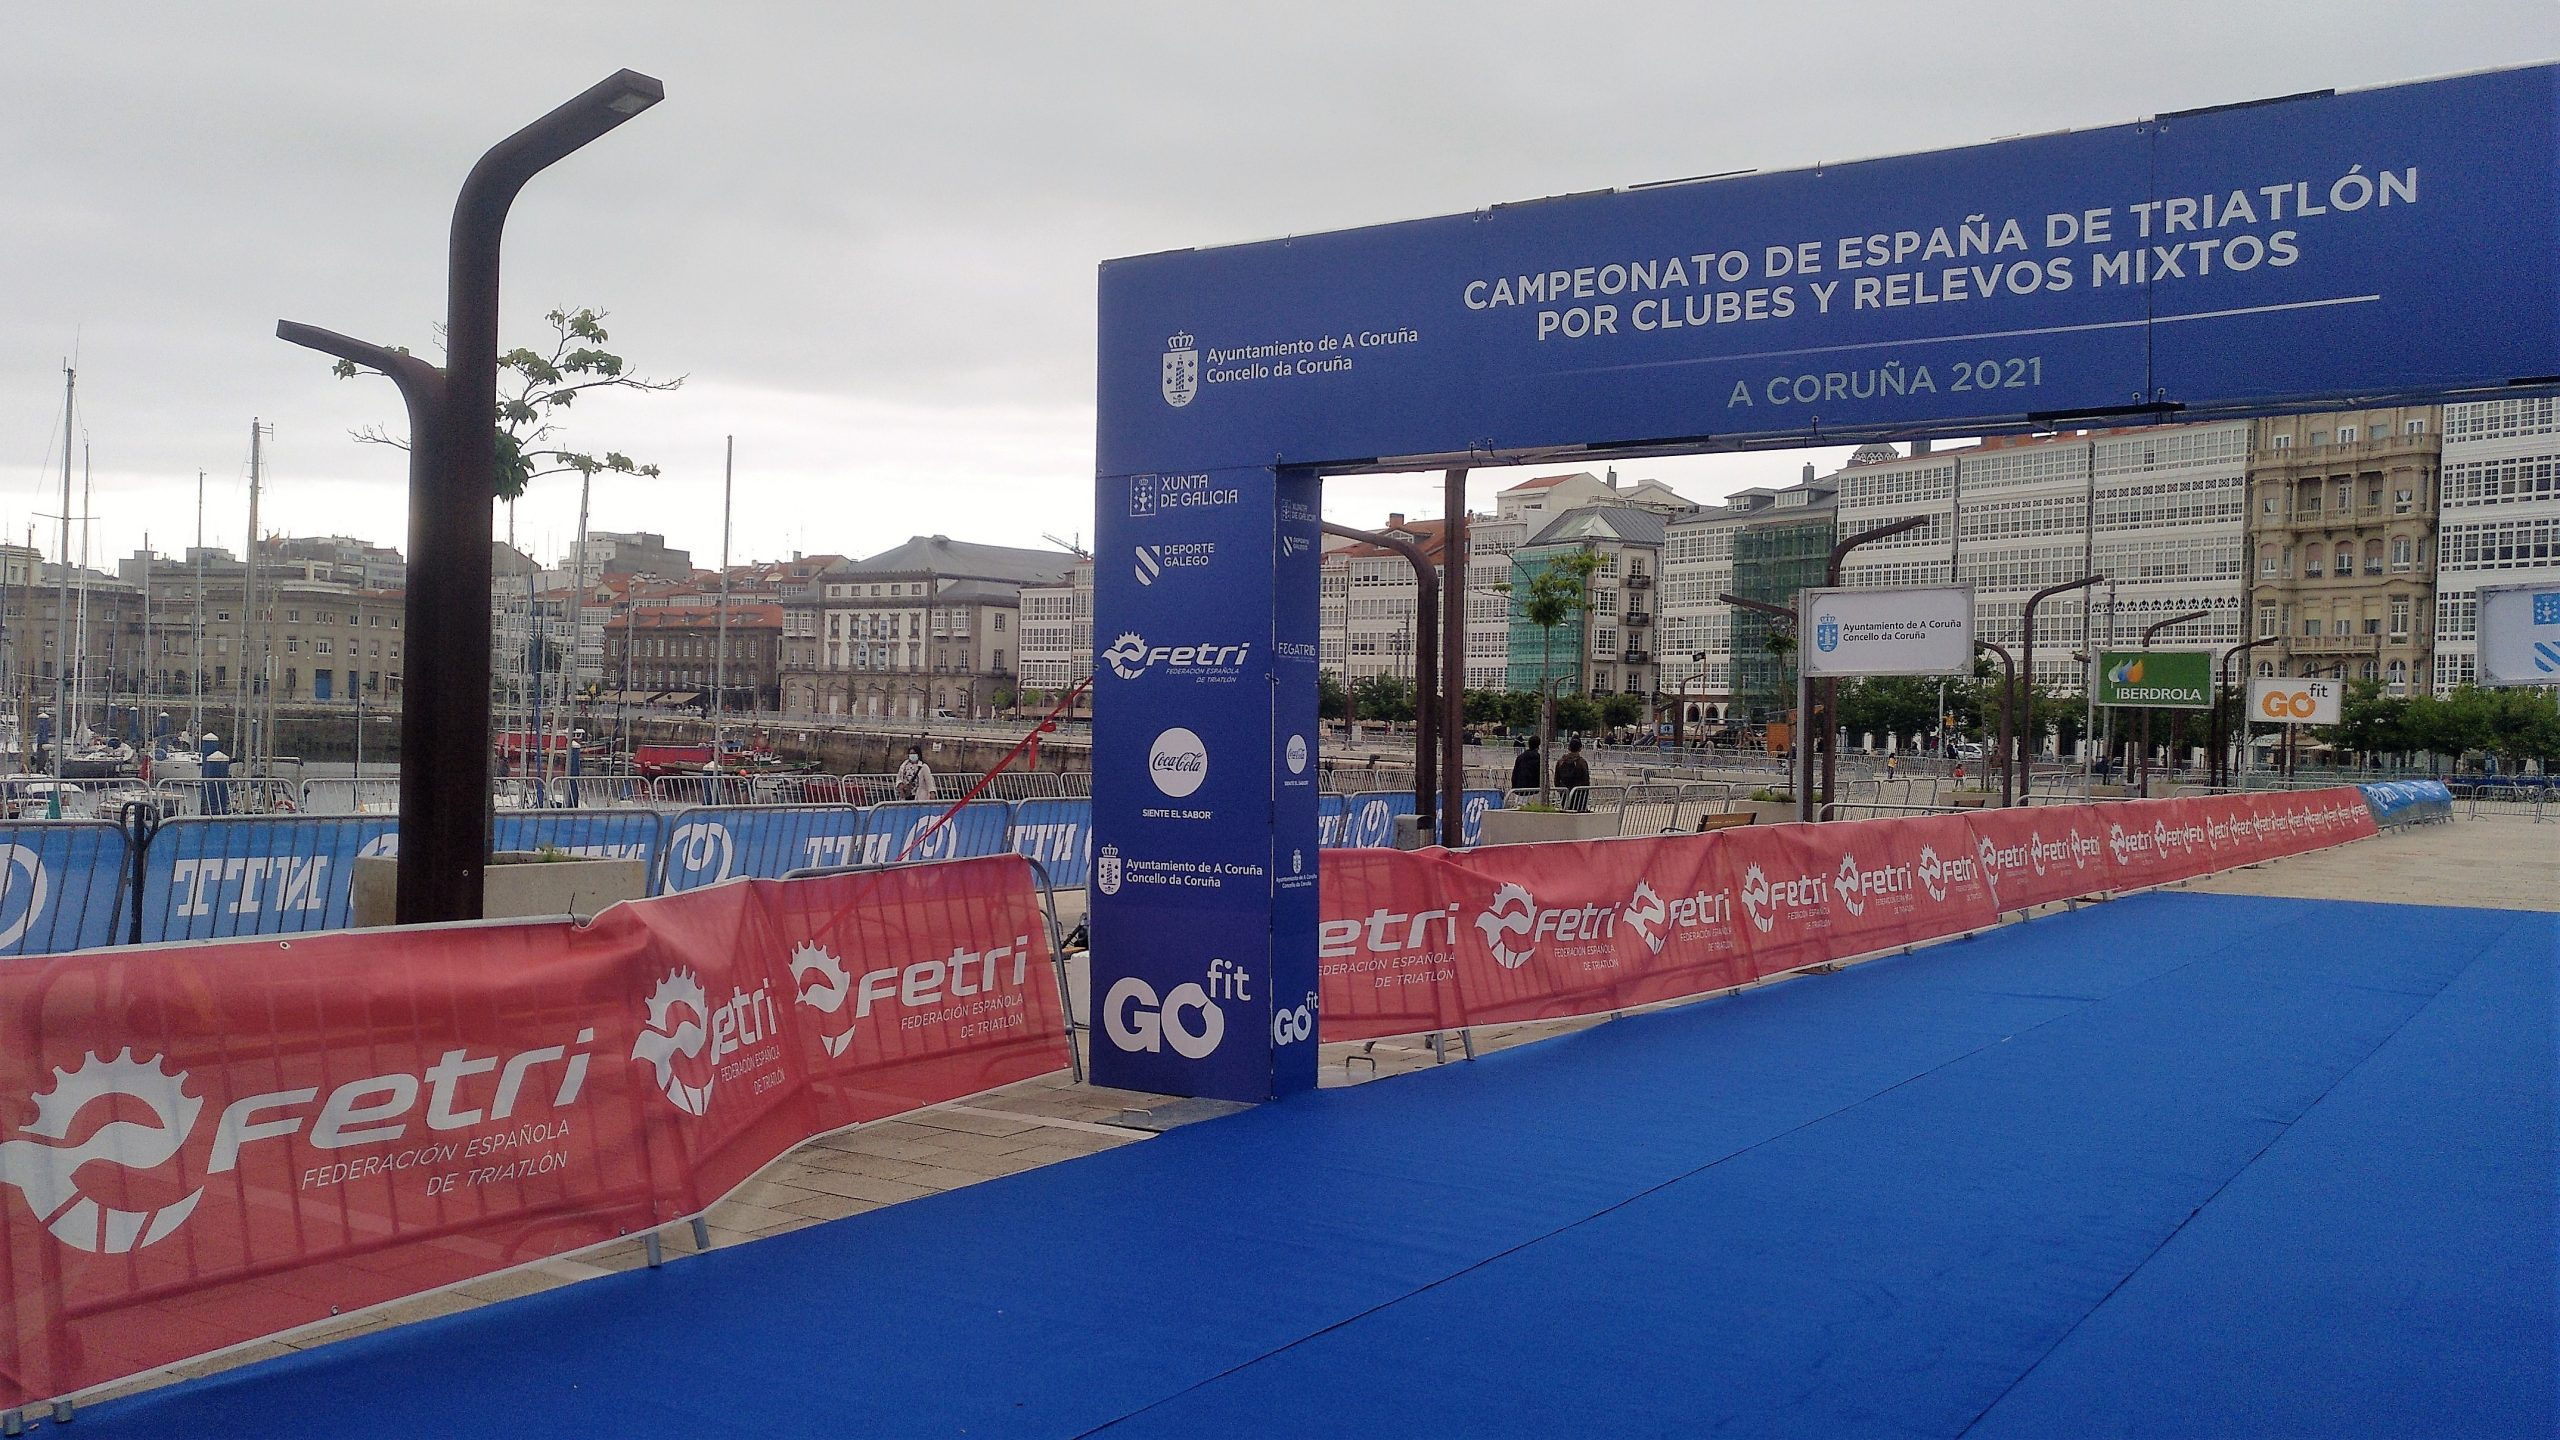 Todo listo en A Coruña para los nacionales de Triatlón por Clubes y Relevos Mixtos y la Copa del Mundo de Paratriatlón